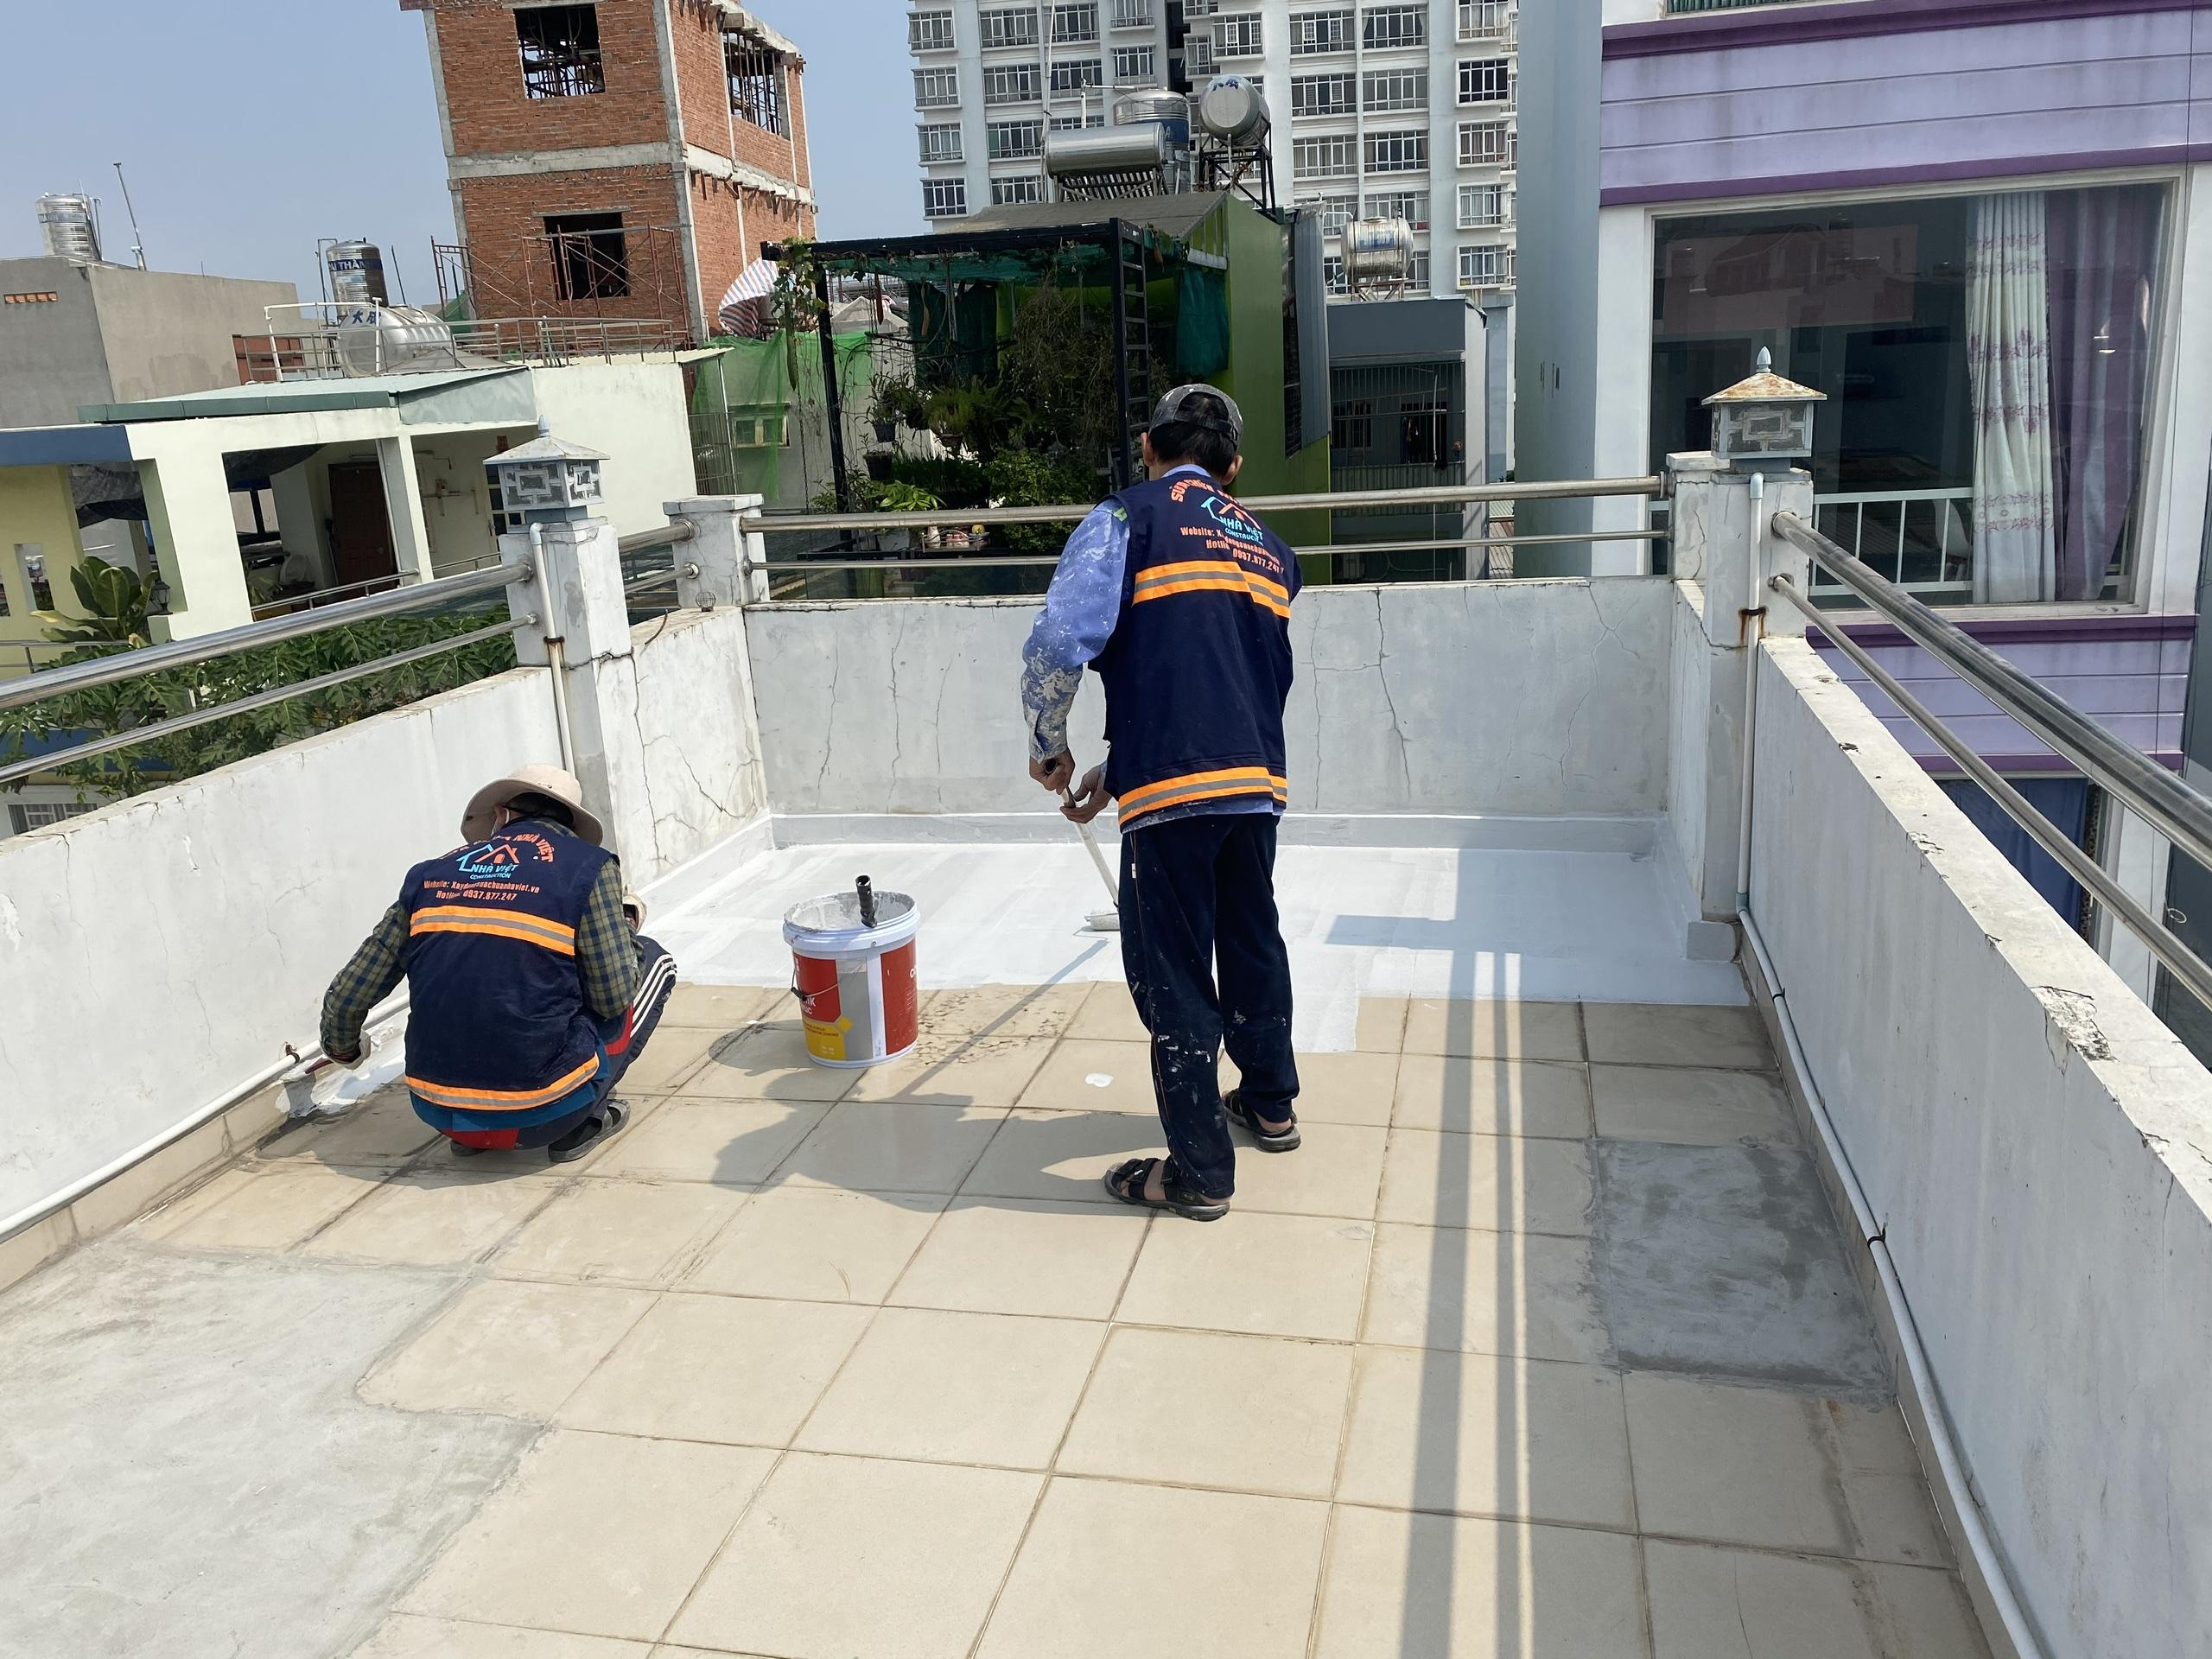 vat lieu chong tham san thuong 5 - 5 Vật liệu chống thấm sân thượng tốt nhất đảm bảo chất lượng hiện nay